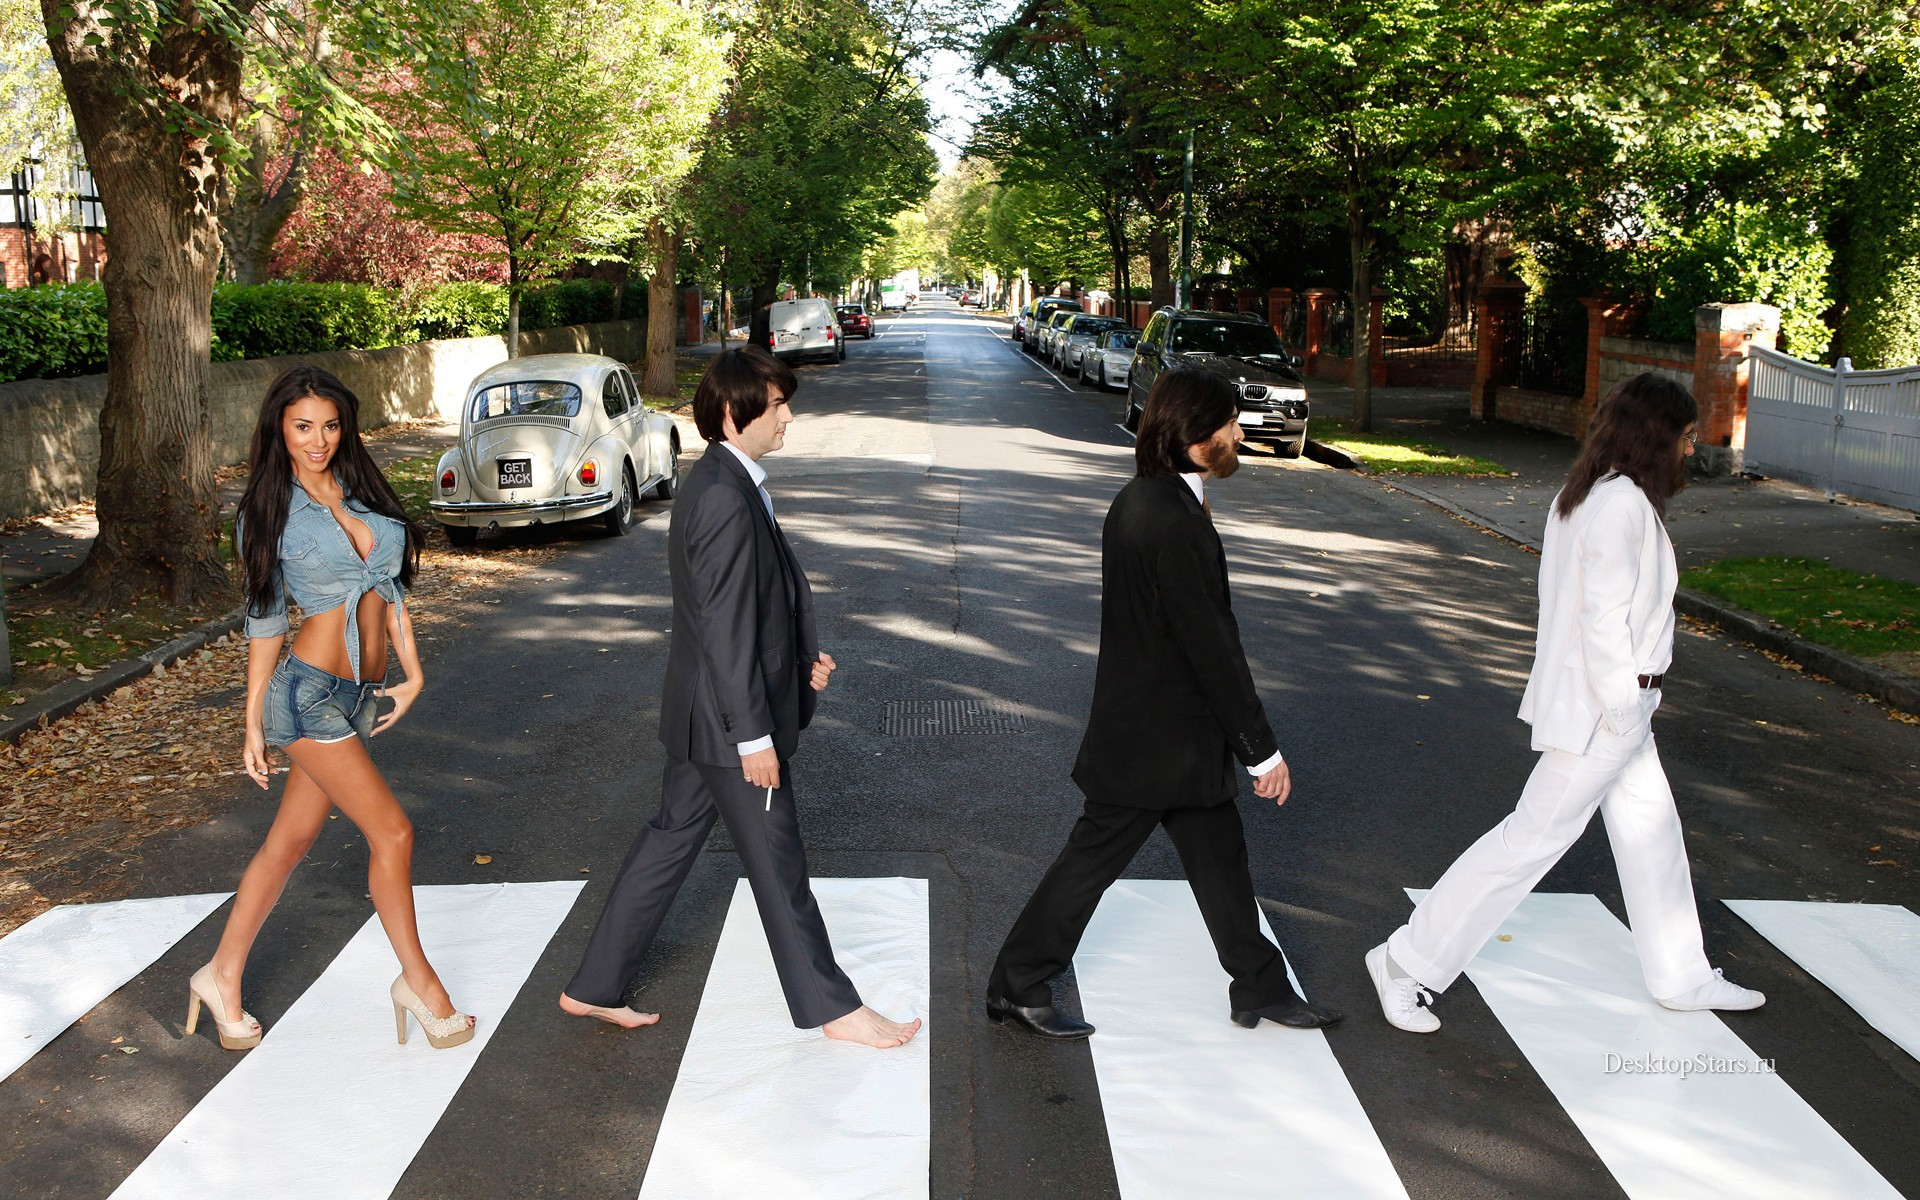 Parodia de Los Beatles en la pista - 1920x1200